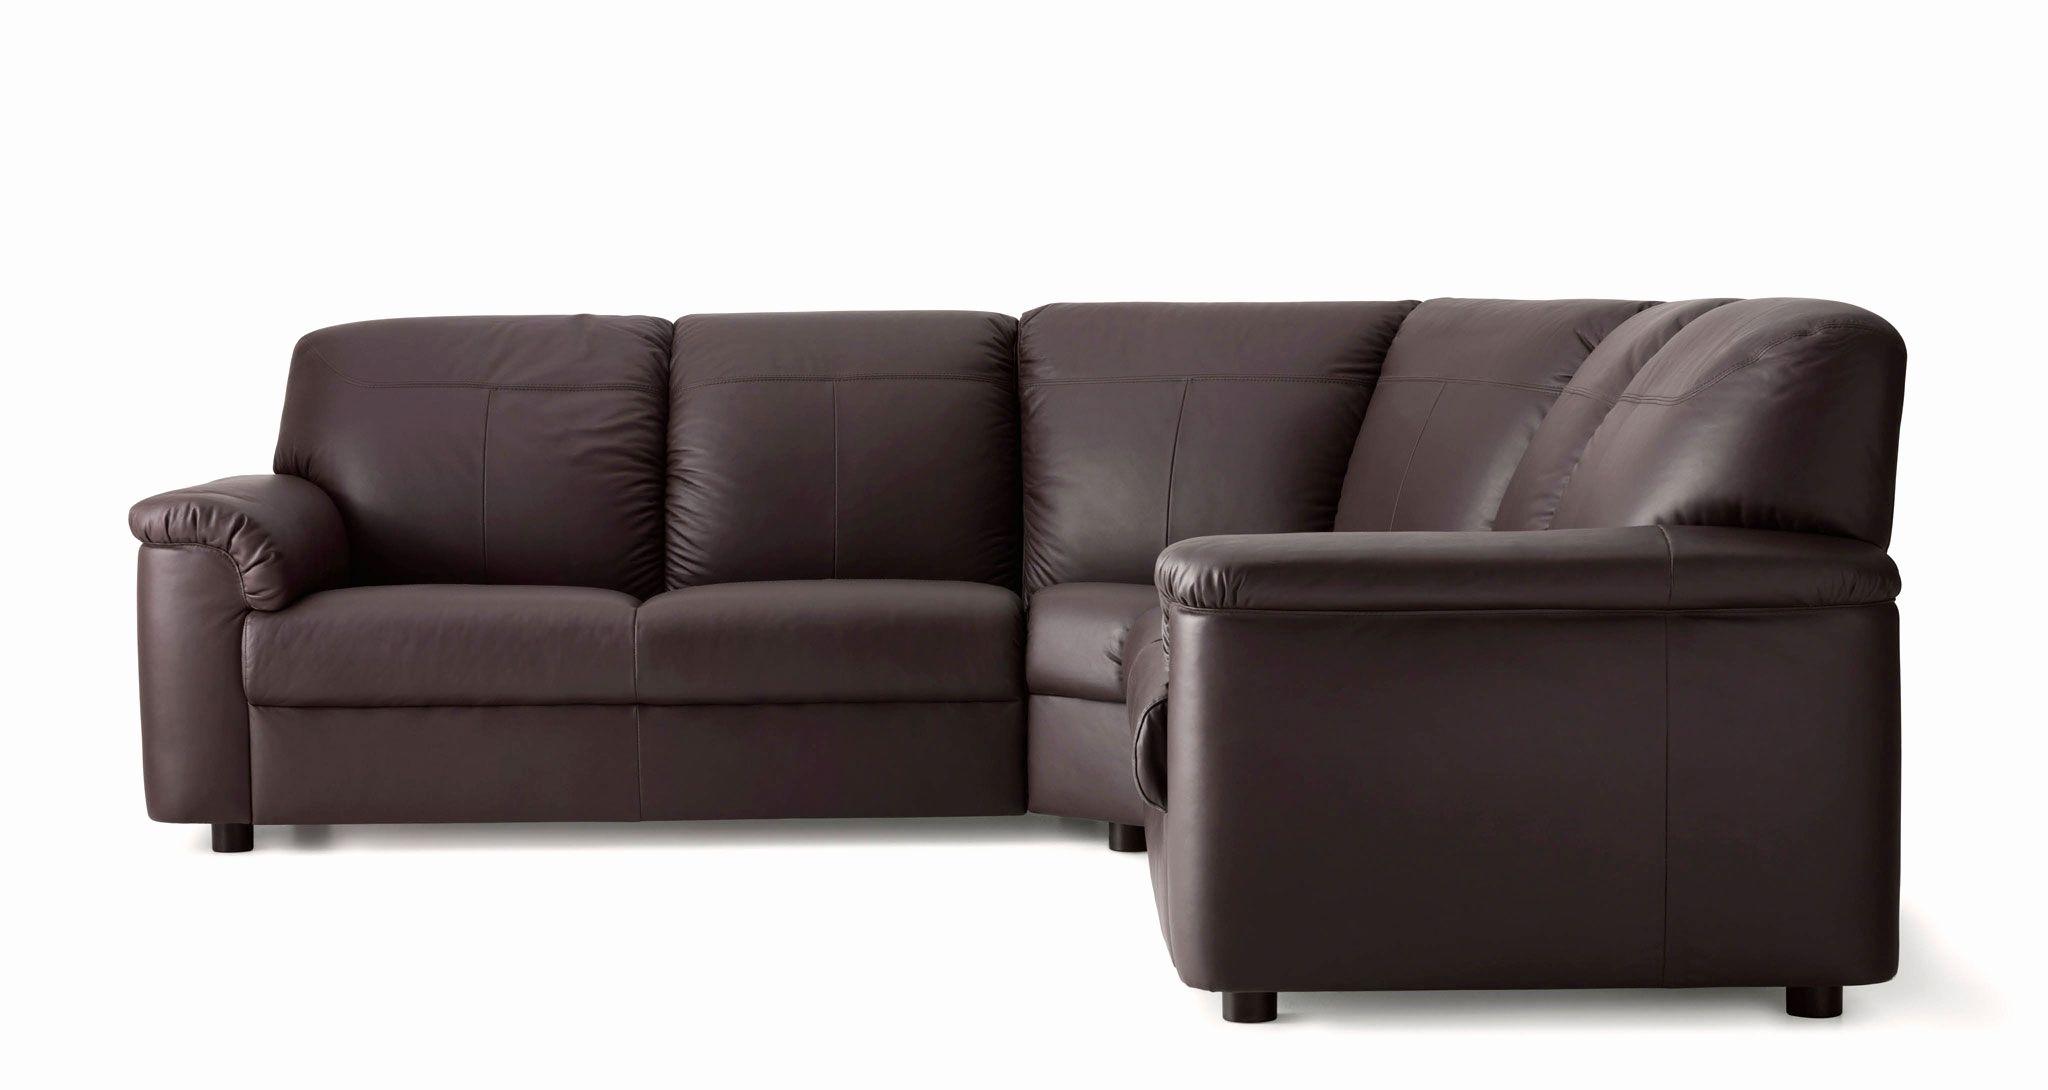 Beautiful Small Corner Leather Sofa Shot Leather Coated Fabric